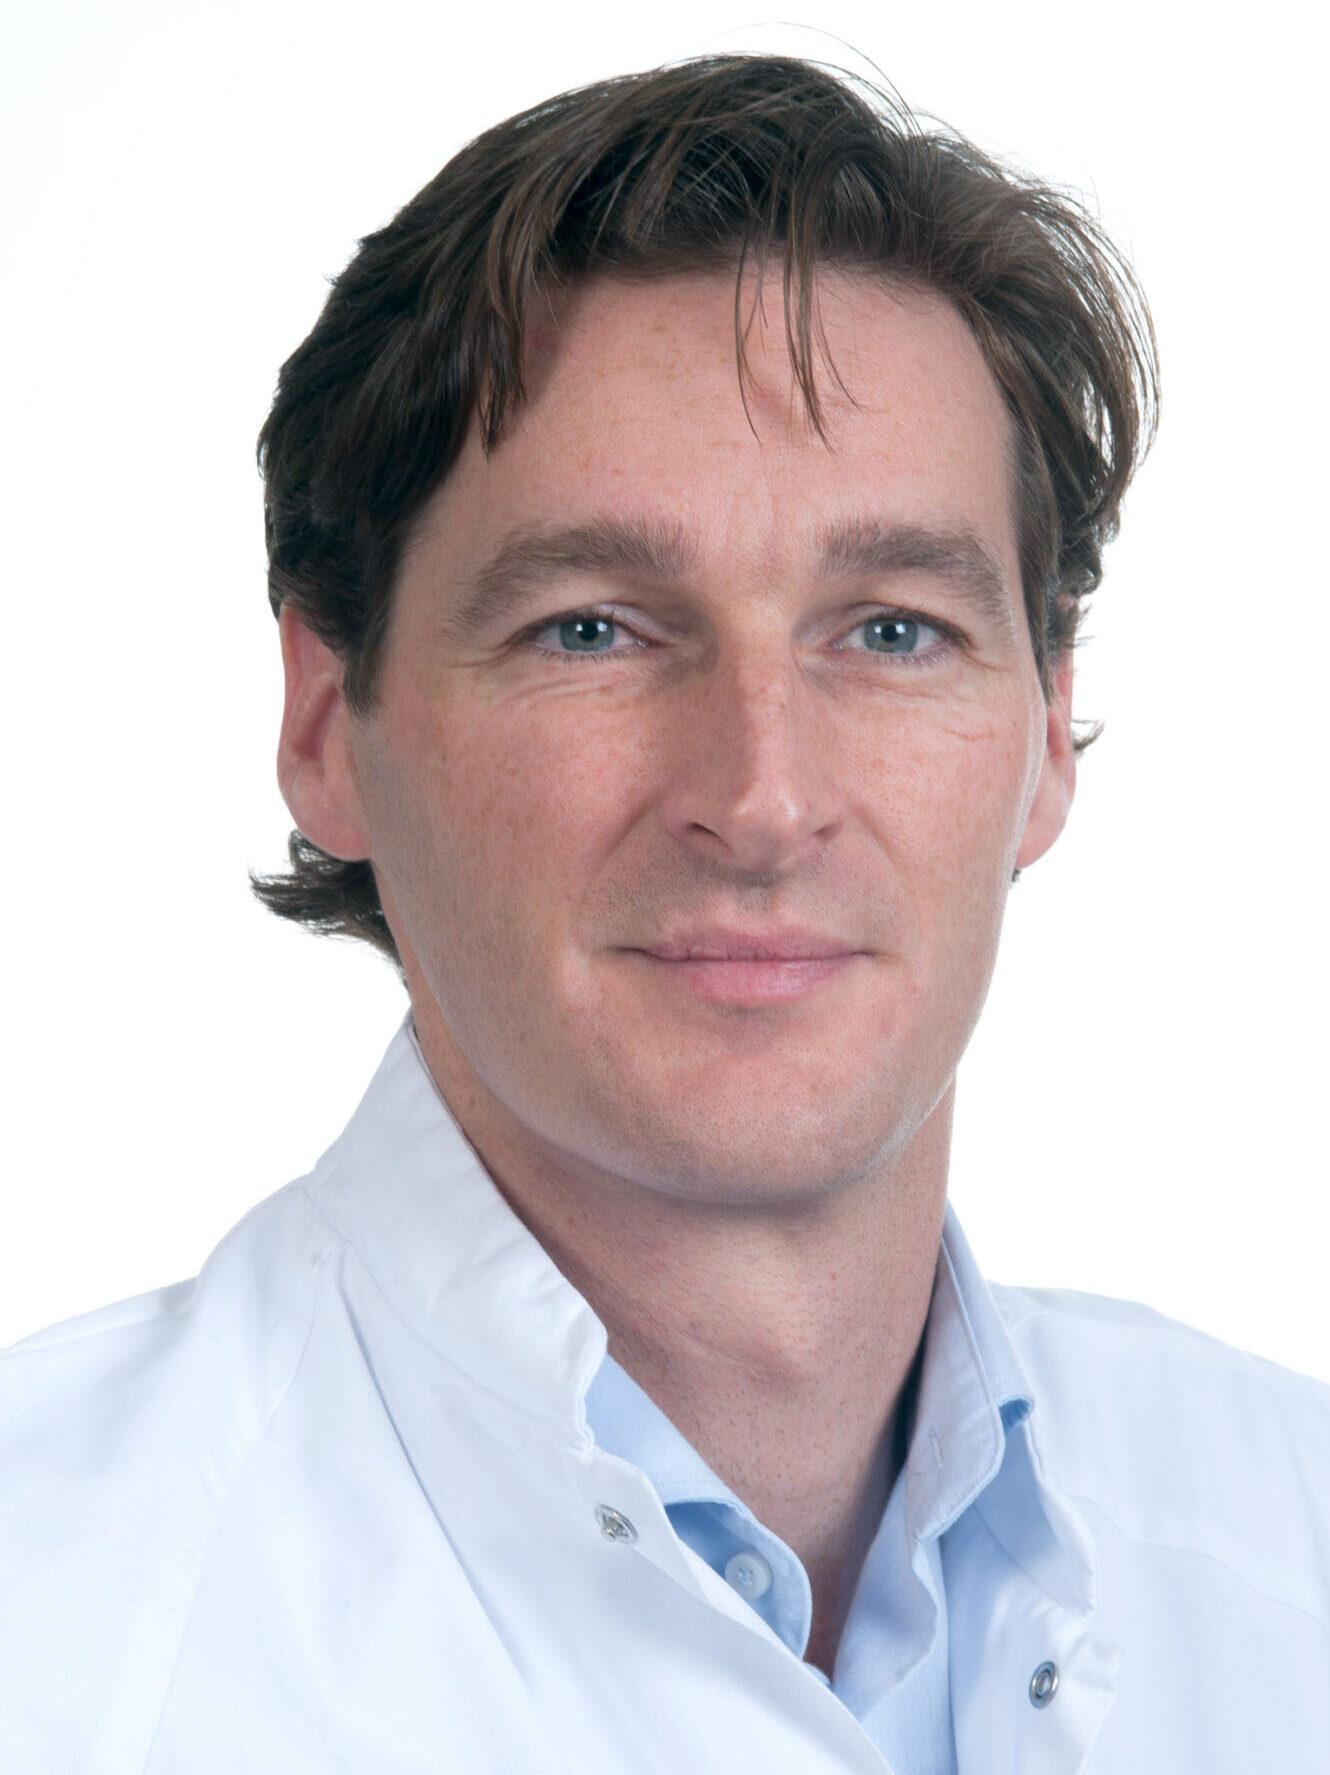 Uw orthopedisch chirurg: speciale schouderpoli biedt onderzoek en uitslag binnen één bezoek